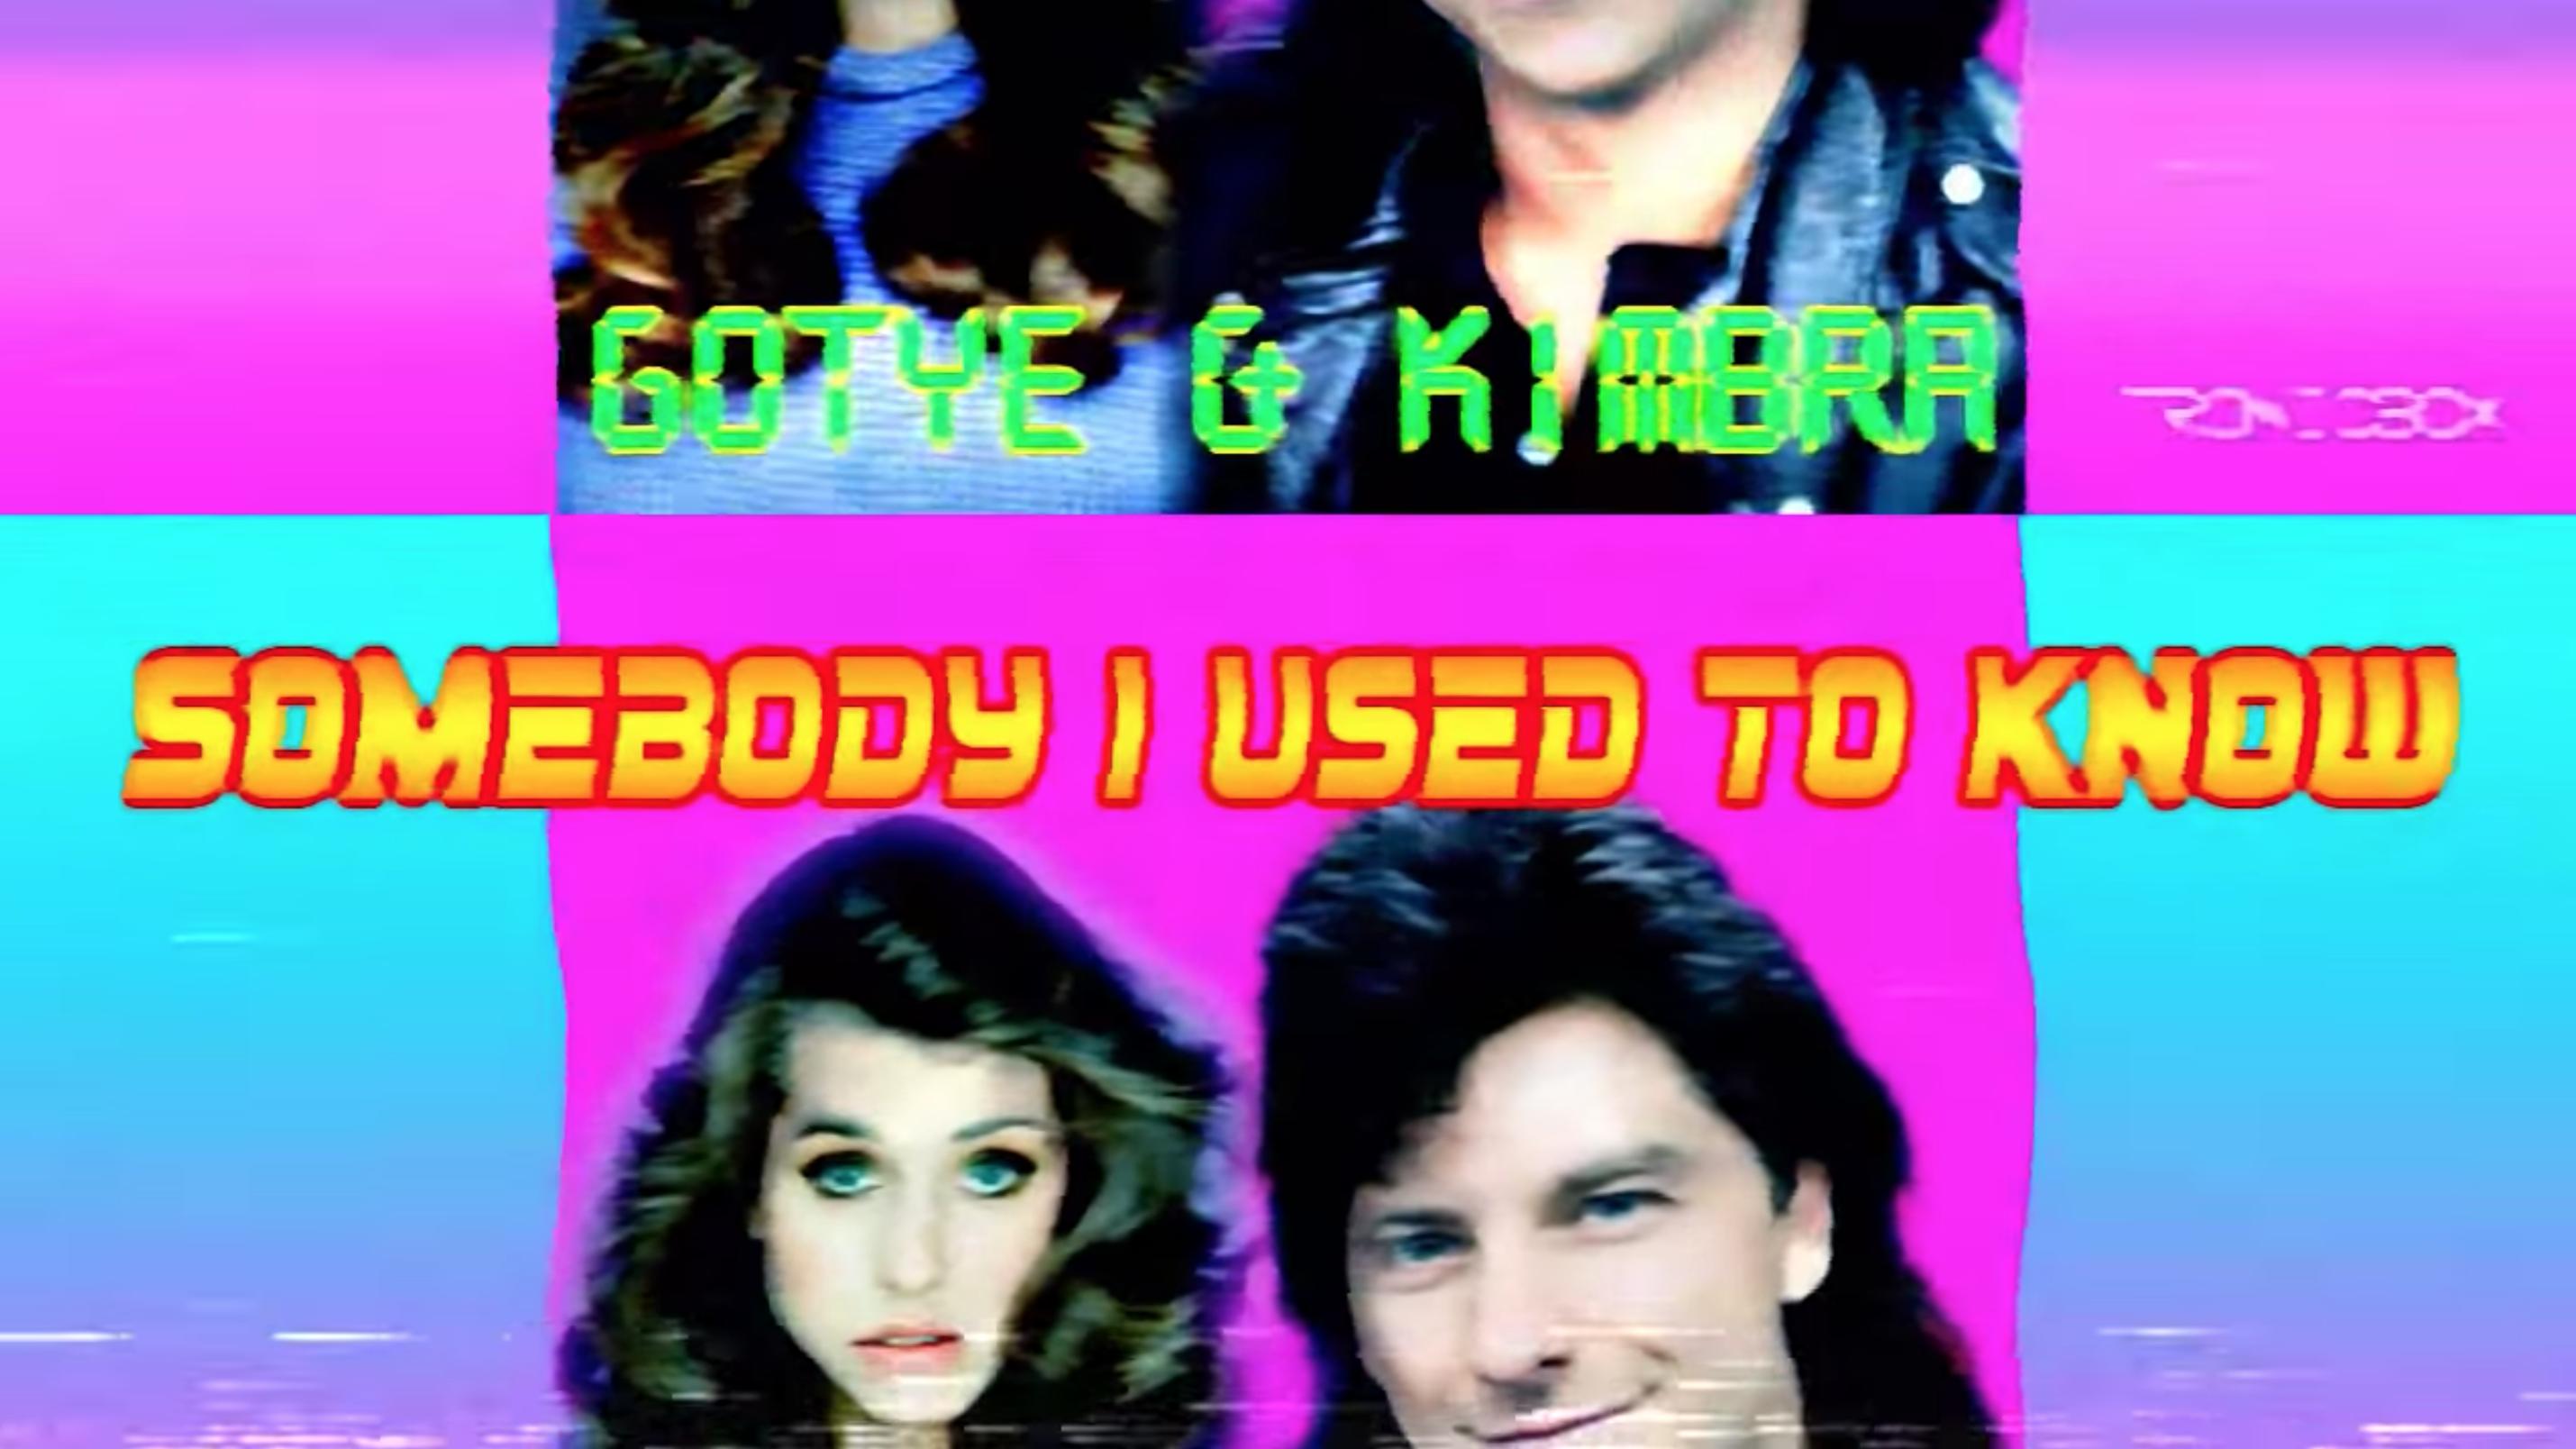 npr.org - Annie Zaleski - The Strange Magic Of YouTube's '80s Remix Culture